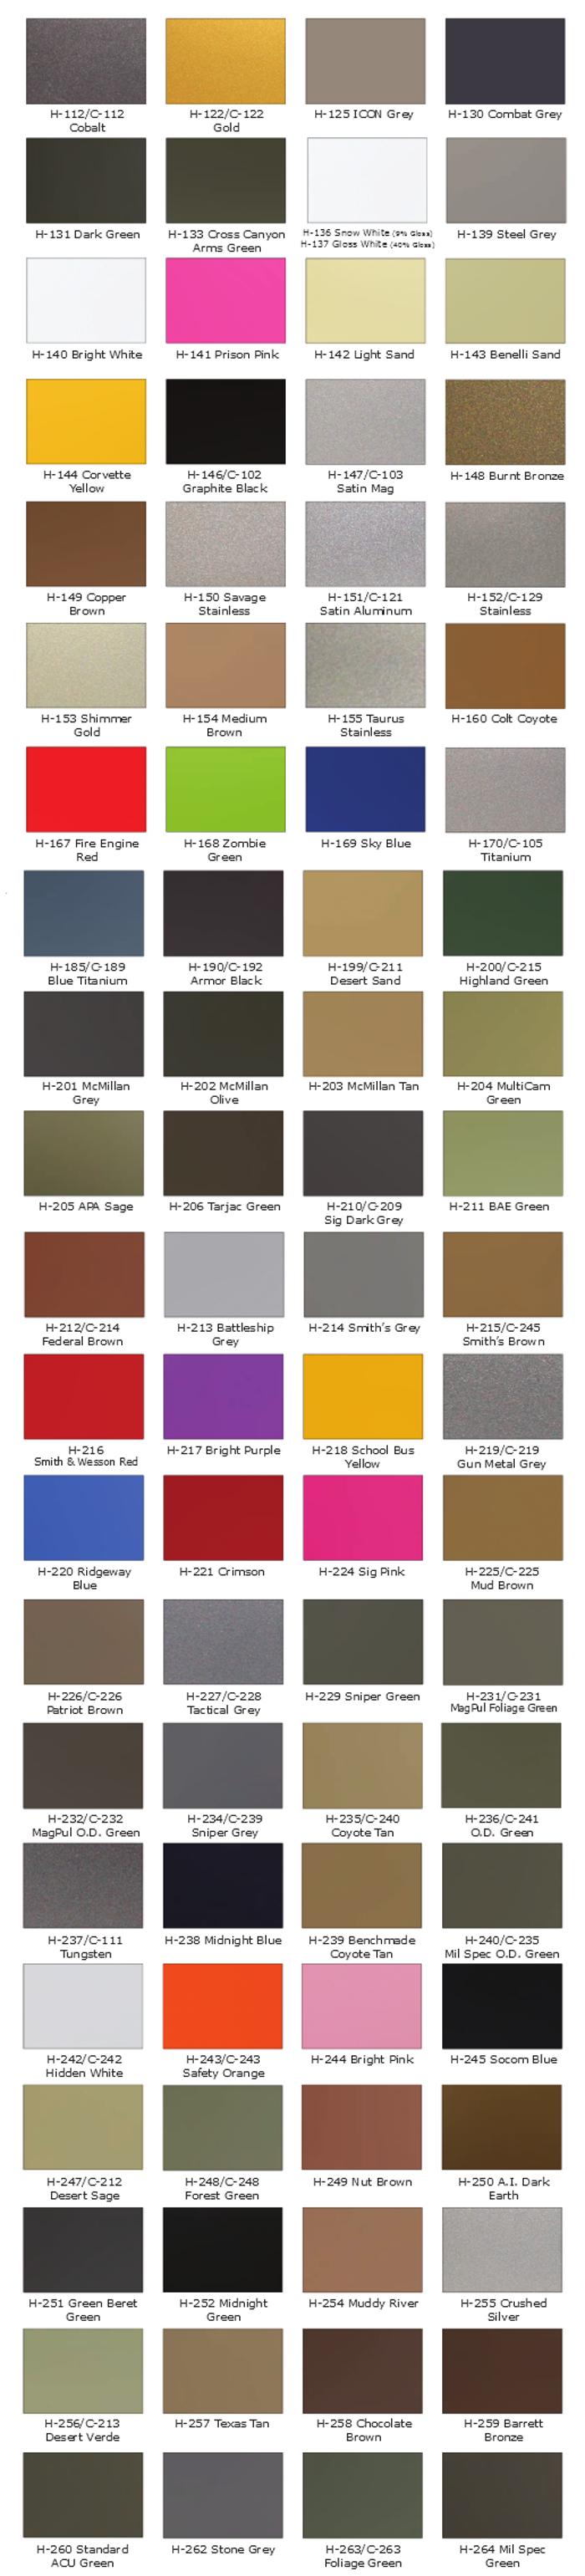 cerakote color chart car interior design. Black Bedroom Furniture Sets. Home Design Ideas